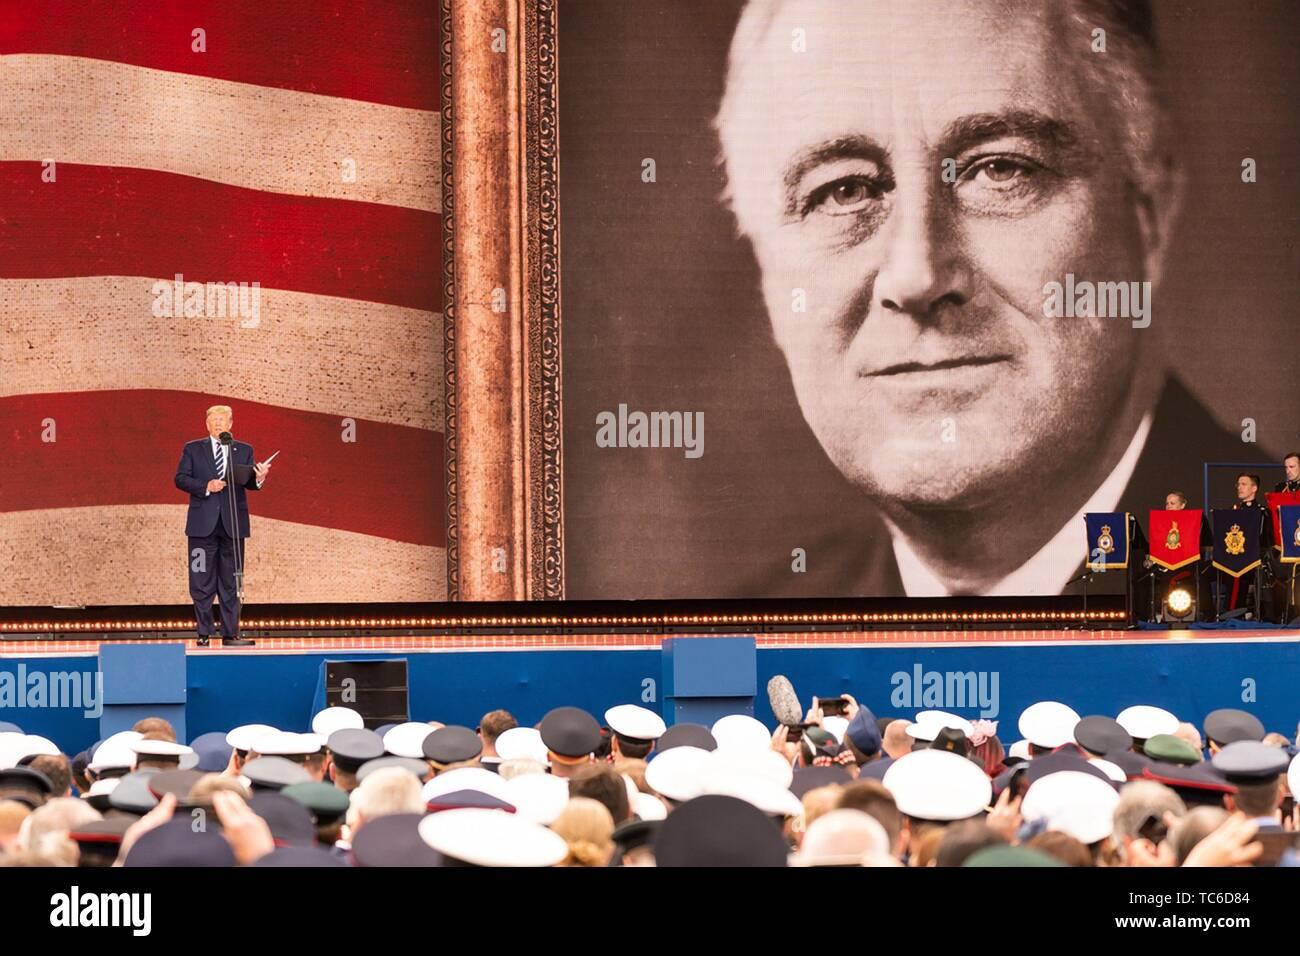 Portsmouth, Royaume-Uni. Le 05 juin, 2019. Président américain Donald Trump parle sous un géant photo du président Franklin Roosevelt lors d'un événement pour marquer le 75e anniversaire du D-Day le 5 juin 2019, à Portsmouth, en Angleterre. Les dirigeants du monde se sont réunis sur la côte sud de l'Angleterre, où s'envolait pour les troupes d'agression quotidienne 75 ans auparavant. Credit: Planetpix/Alamy Live News Photo Stock